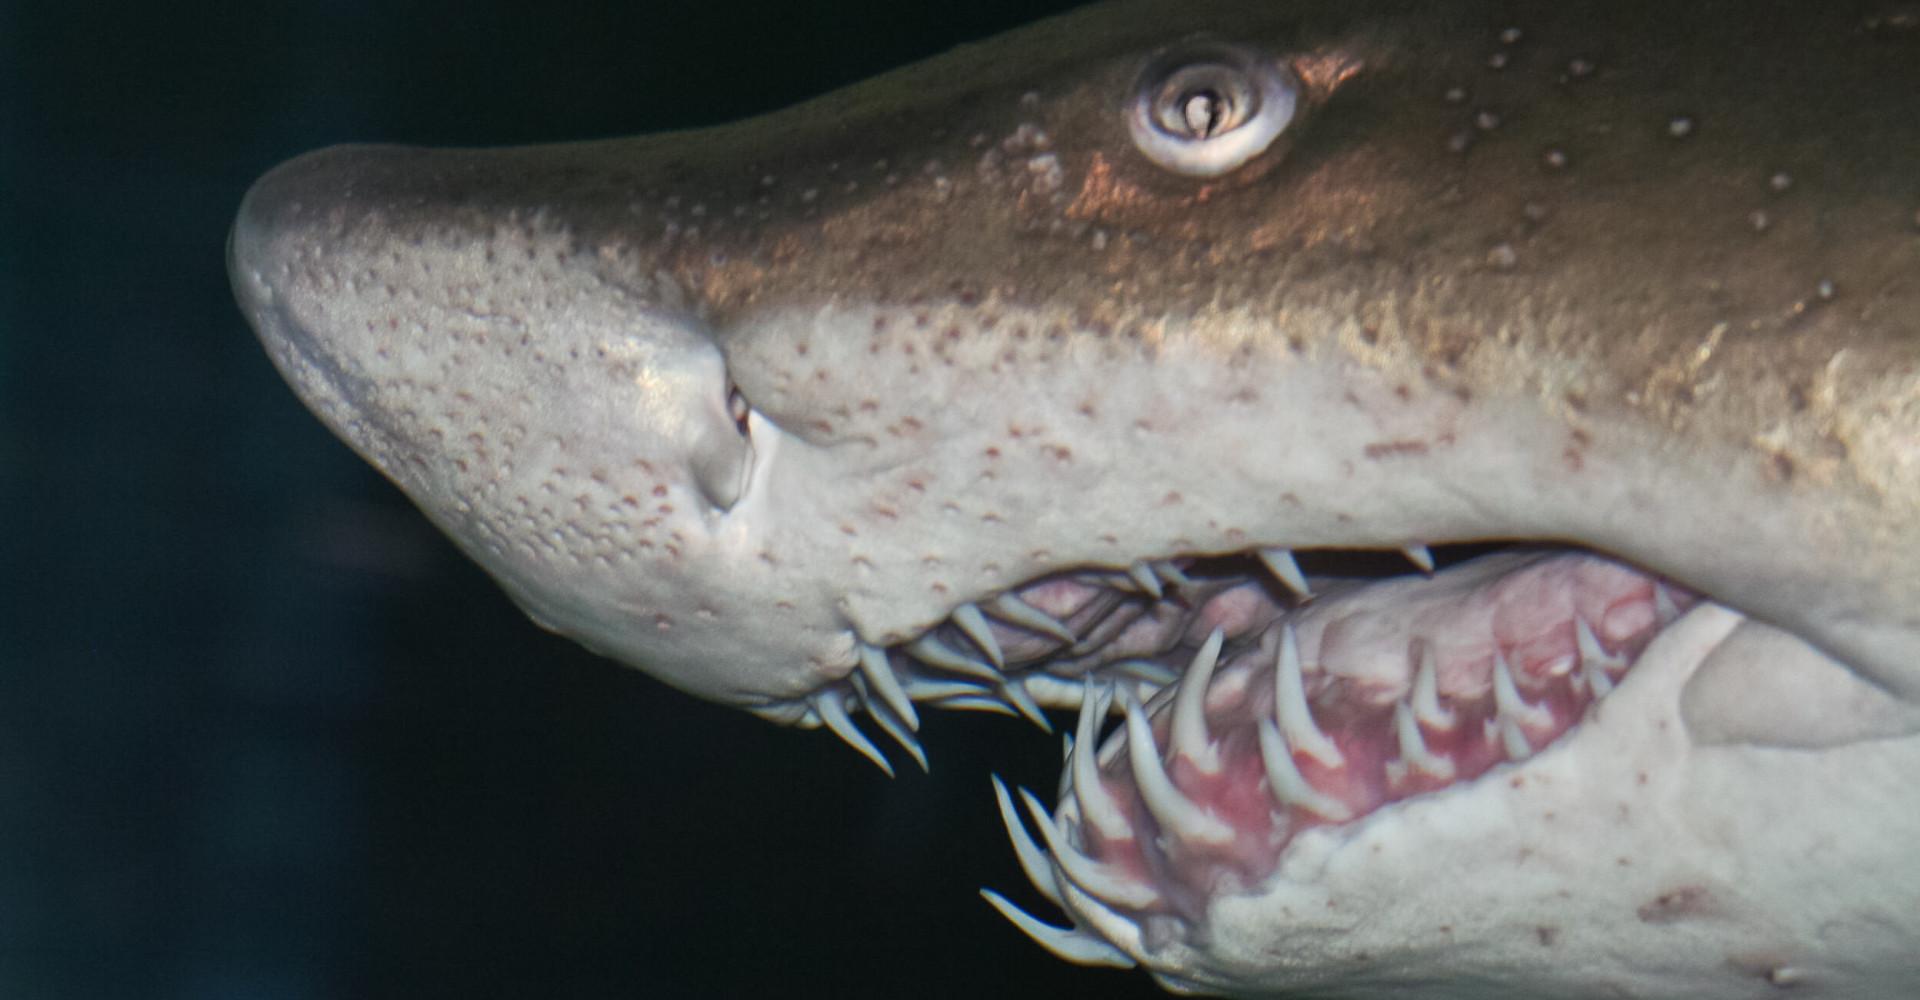 Feroci, spaventosi, pericolosi? No, sono solo animali inoffensivi!